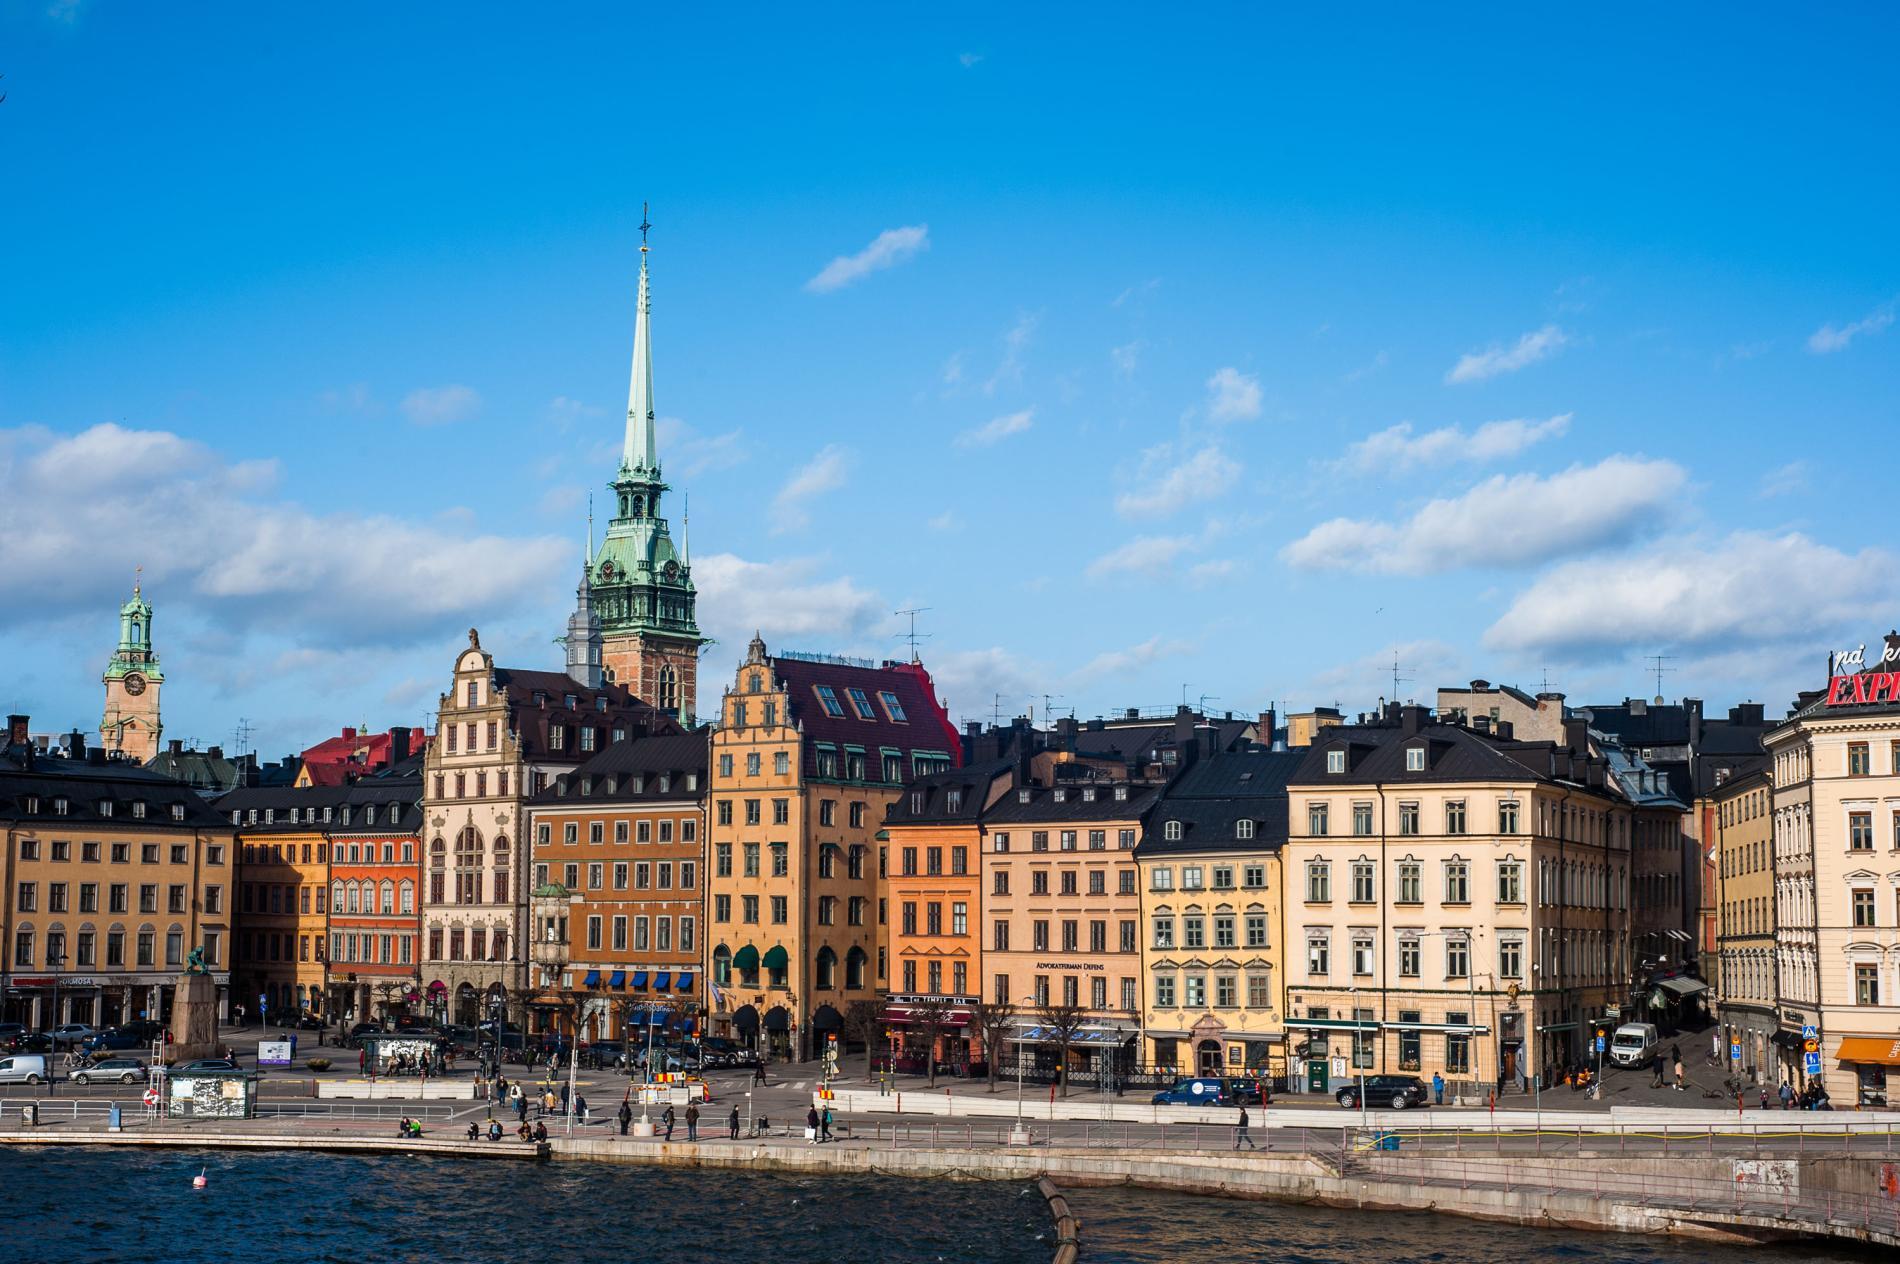 Svaki stanovnik Švedske prosječno zaradi oko 26,58 hiljada eura